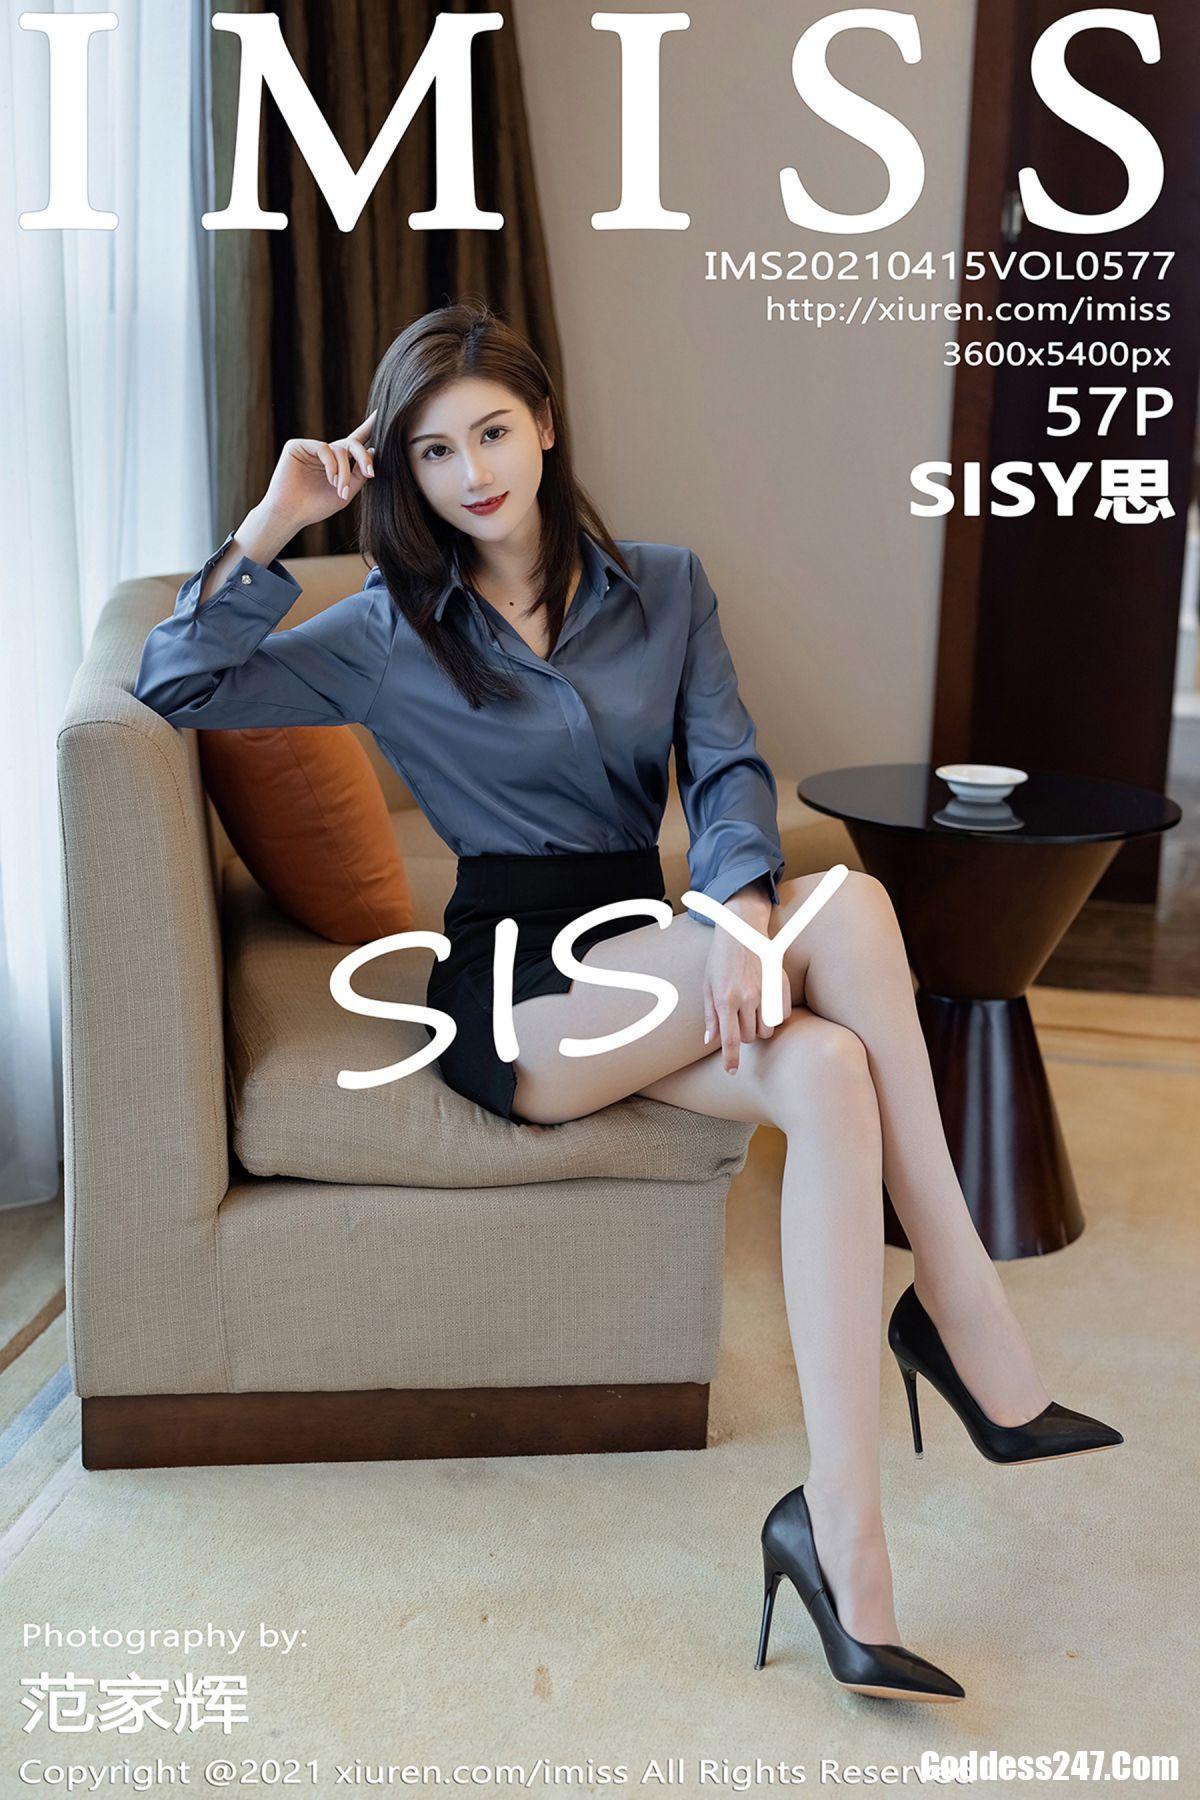 IMiss爱蜜社 Vol.577 SISY思